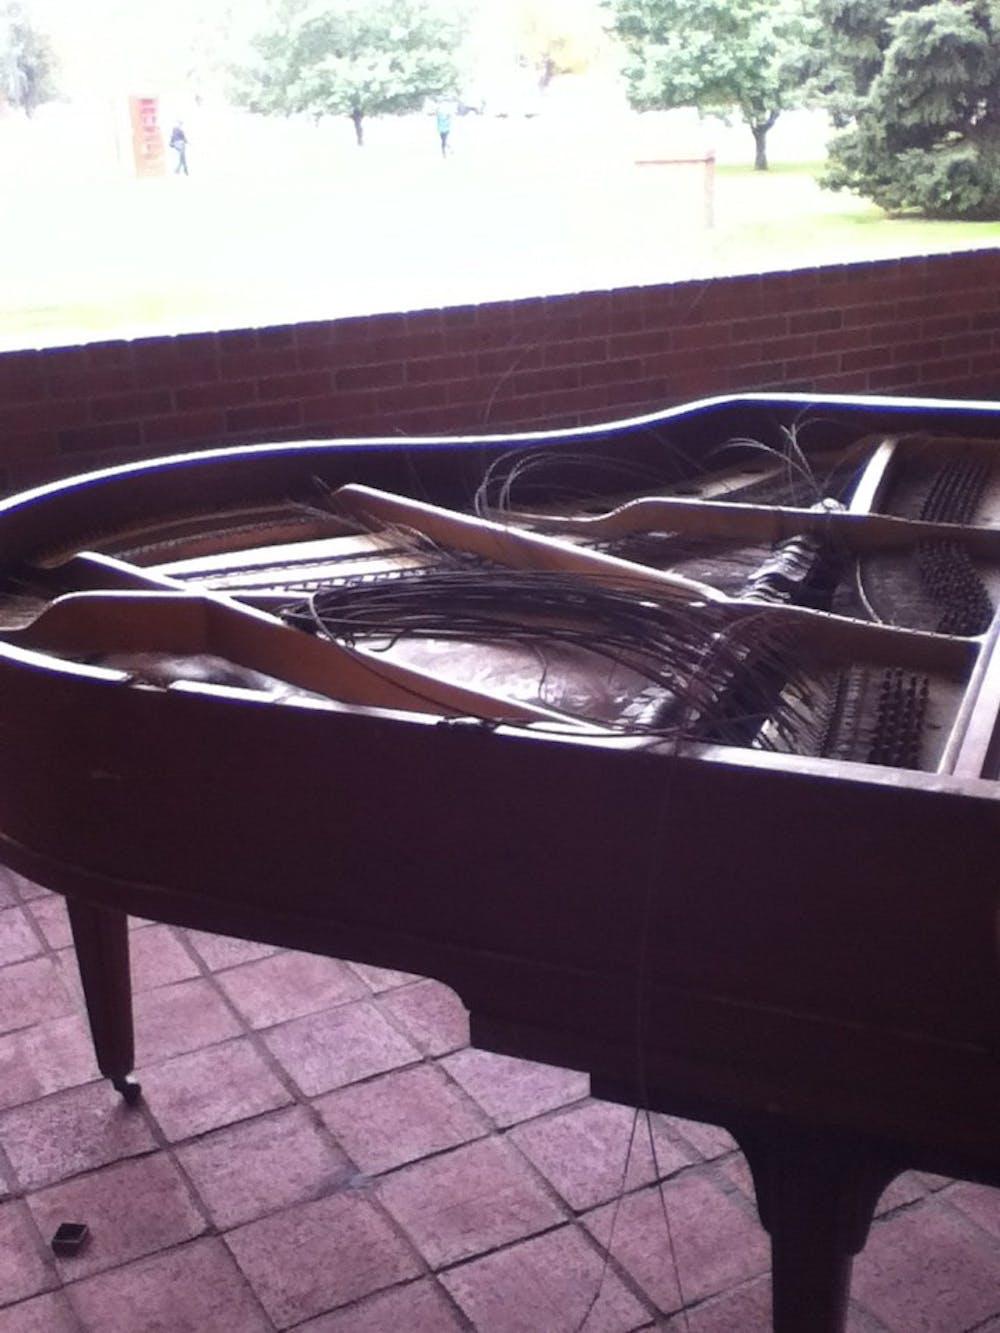 Broken piano awaits smashing